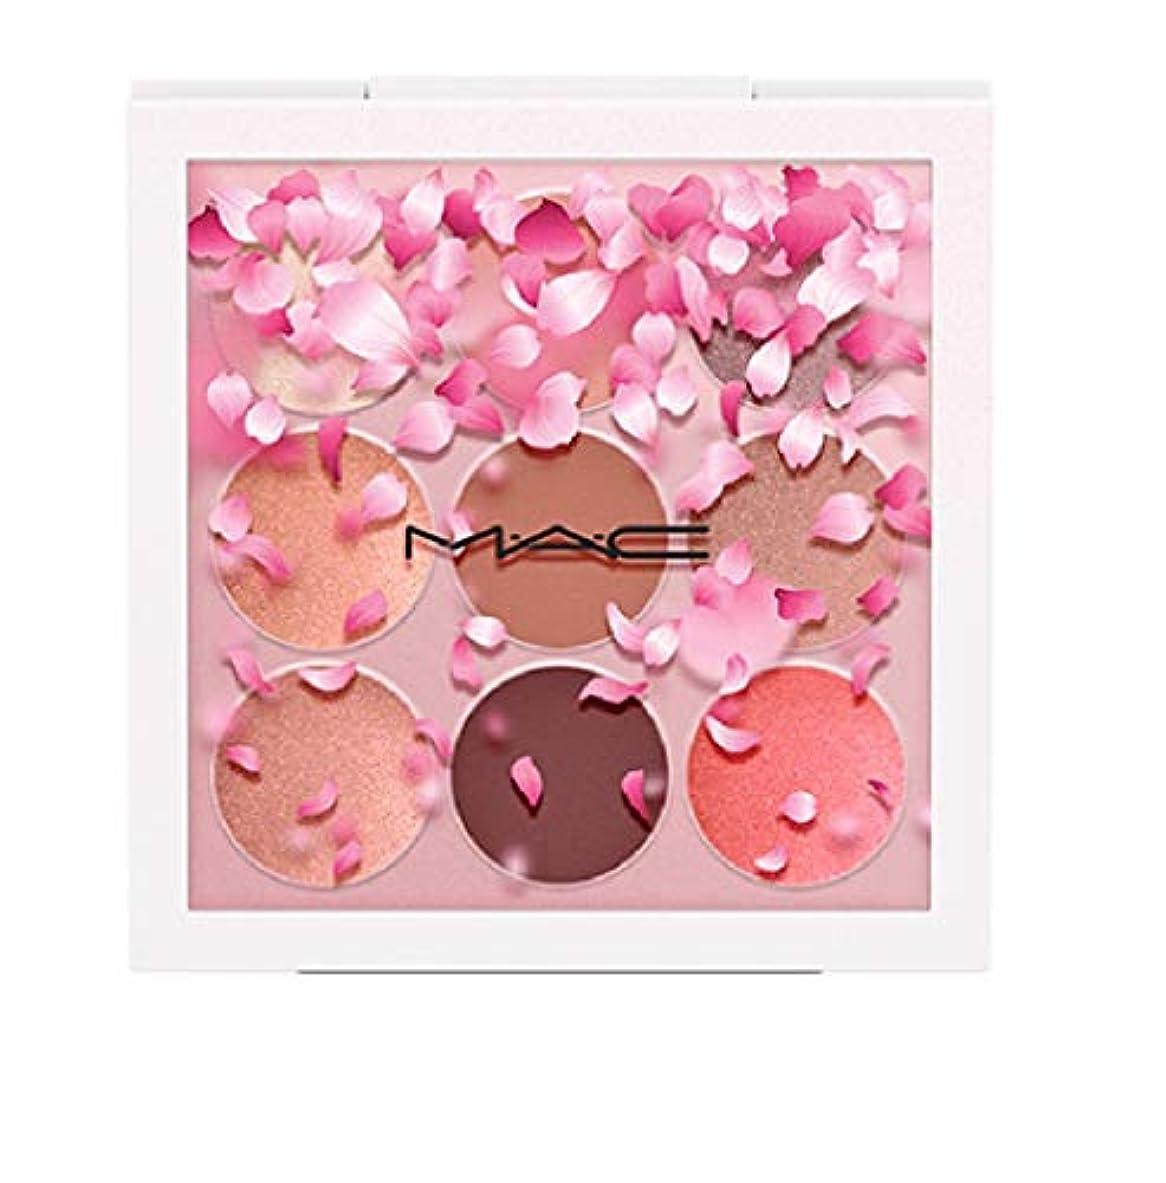 なんとなくベーリング海峡テラス【M?A?C(マック)】スモール アイシャドウ × 9(カブキ ドール) 限定 アイシャドウ パレット 桜 BOOM, BOOM, BLOOM